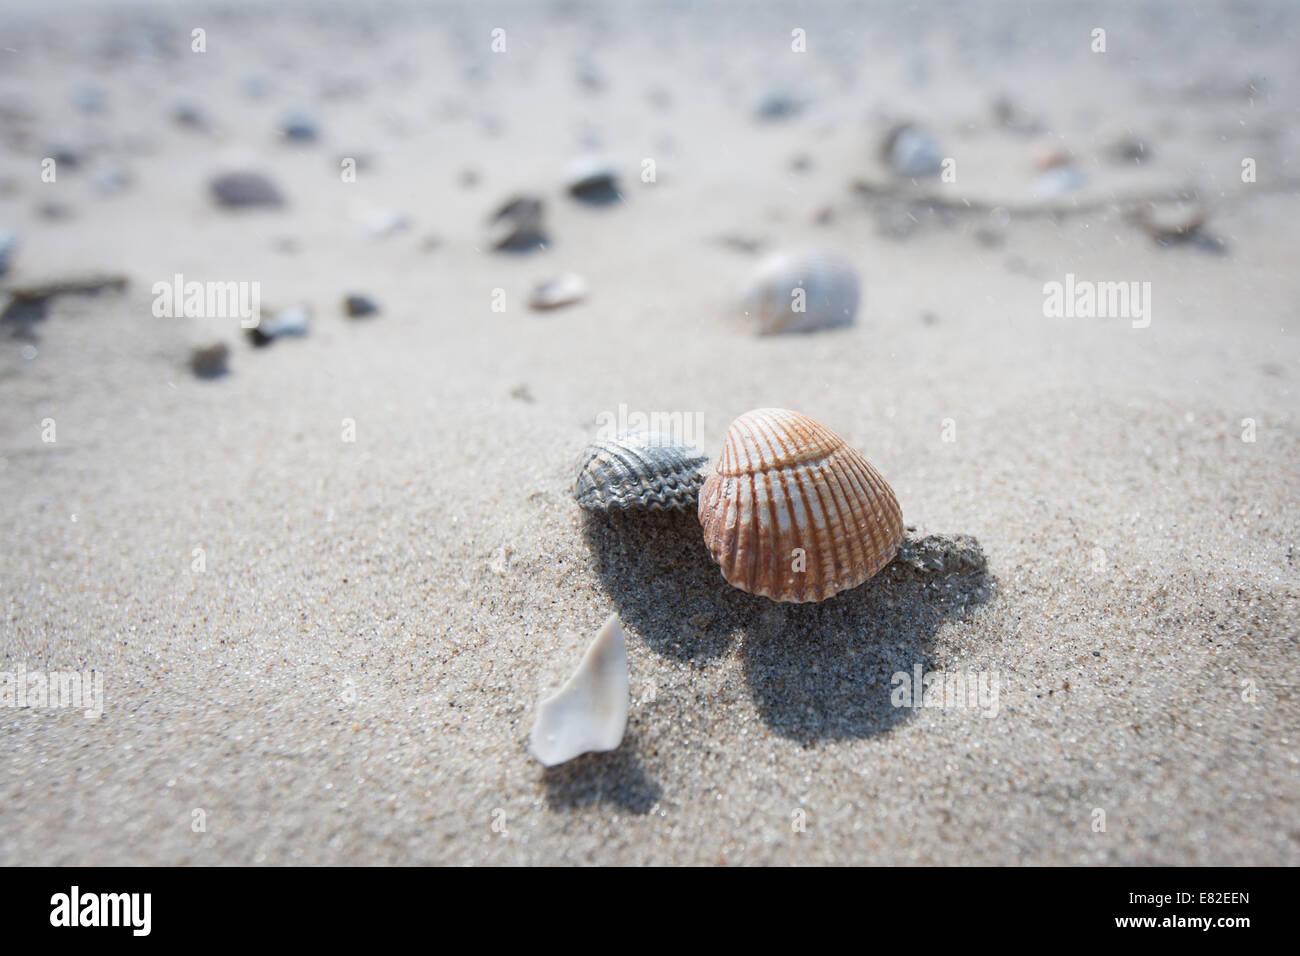 Dettaglio delle conchiglie sulla spiaggia Immagini Stock